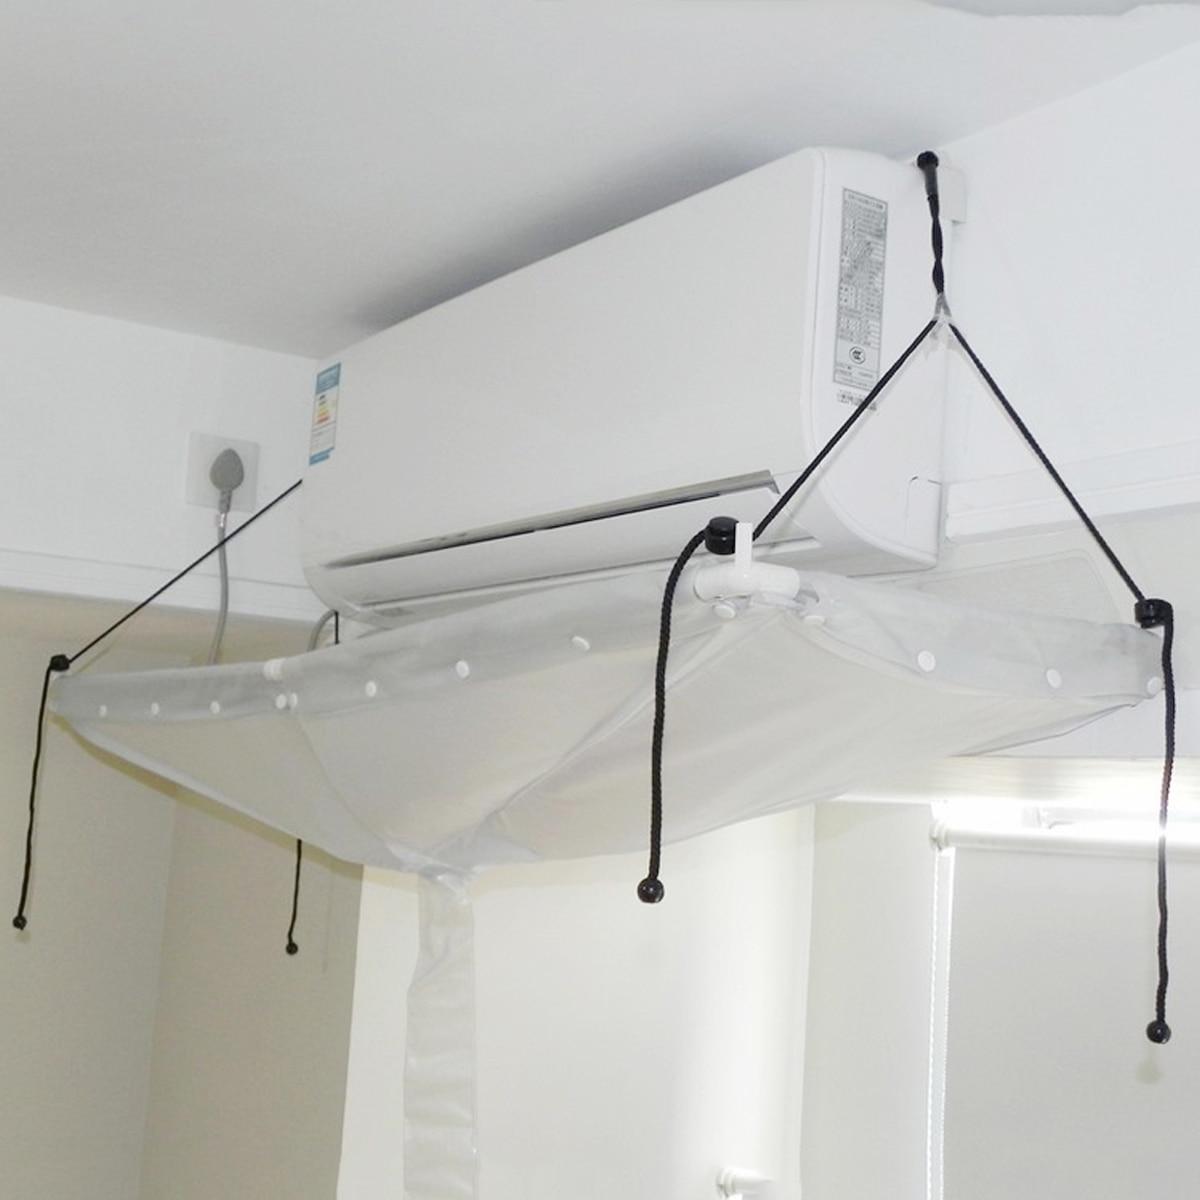 Ouvrir PVC climatiseur lavage nettoyage couverture plafond mural climatisation outils de nettoyage nettoyant outil couvre